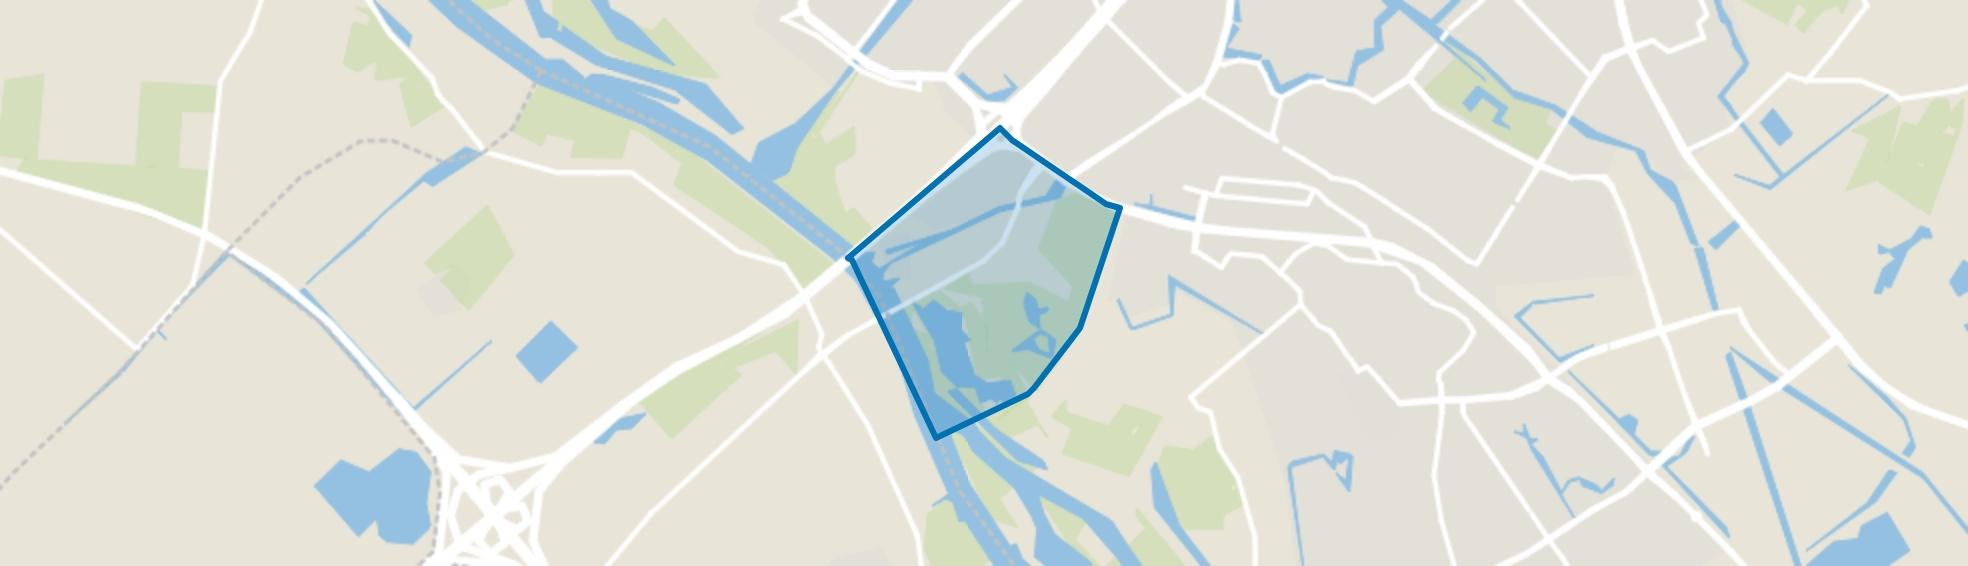 Katerveer-Engelse werk, Zwolle map